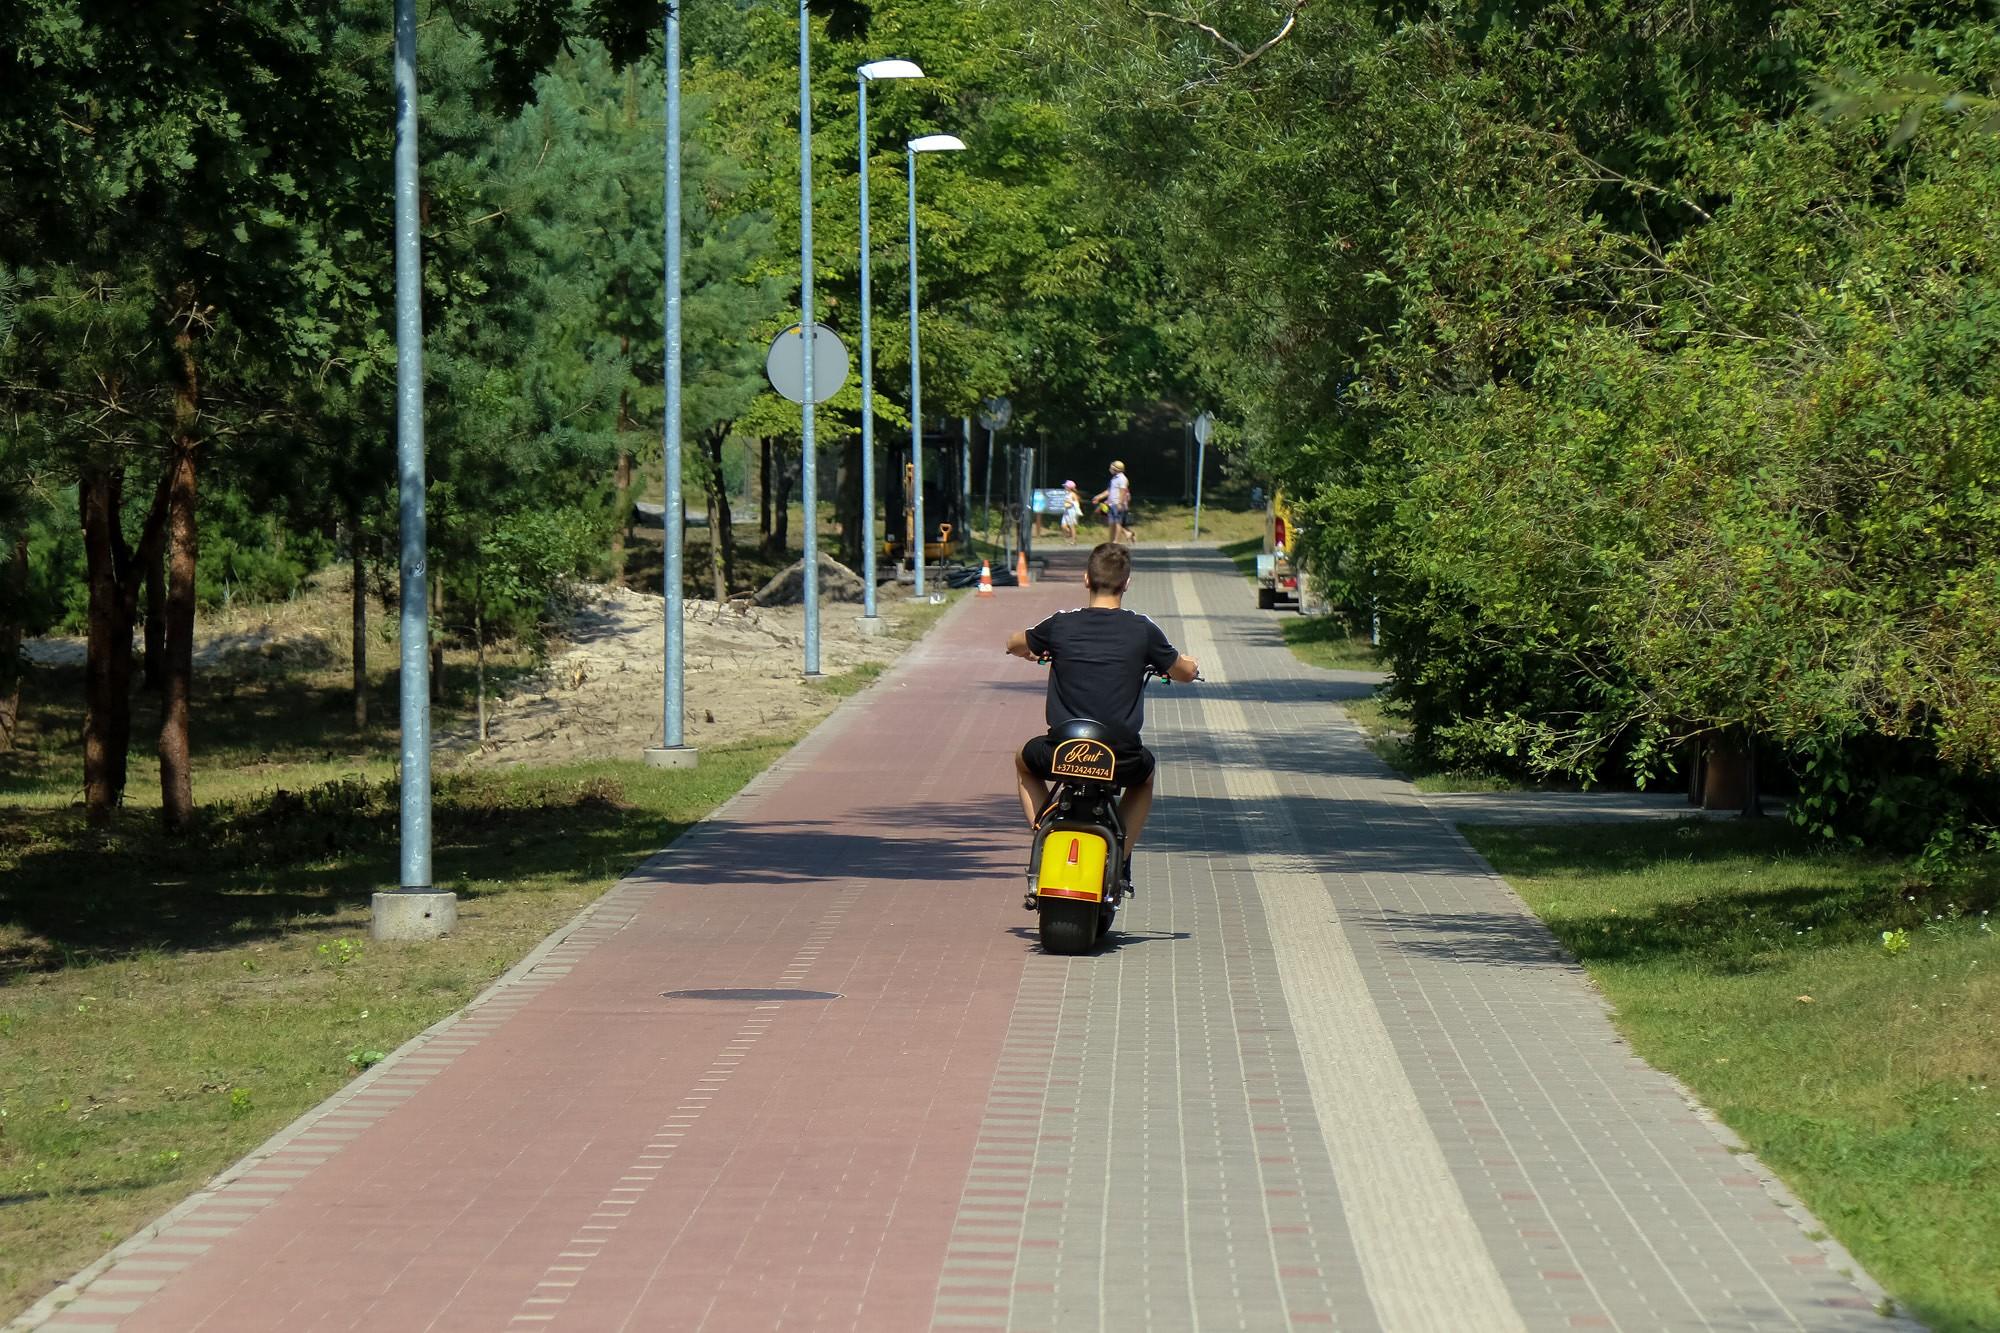 No parka izraidīti, elektrokreiseri plosās ielās